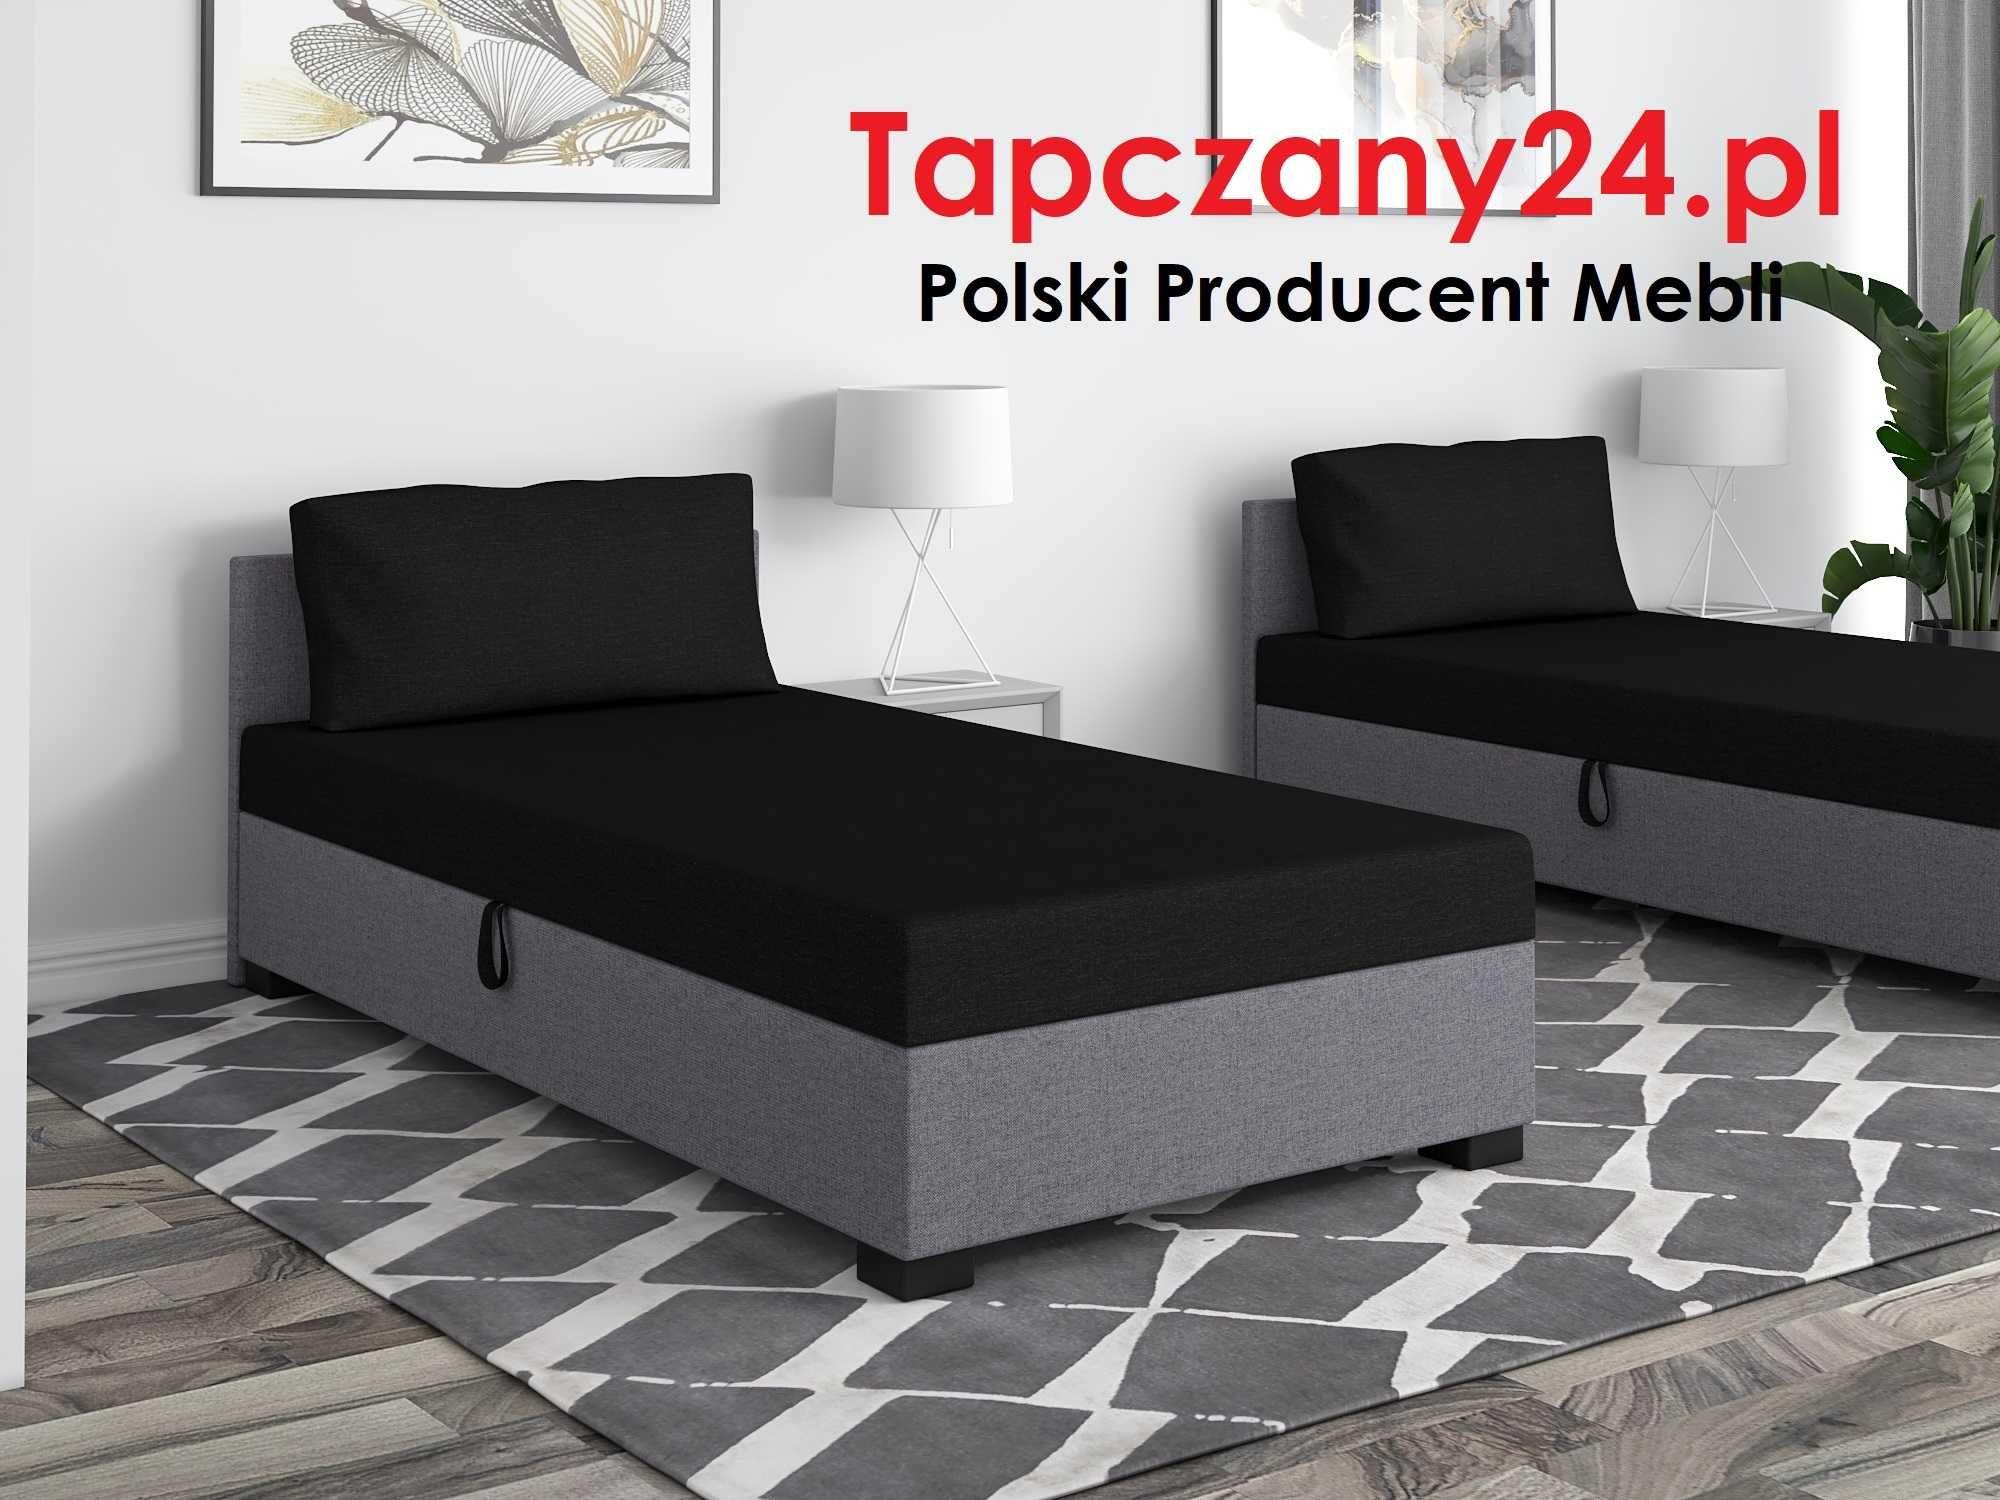 Łóżko jednoosobowe młodzieżowe Tapczan 80/90/100/120 +pojemnik GRATIS